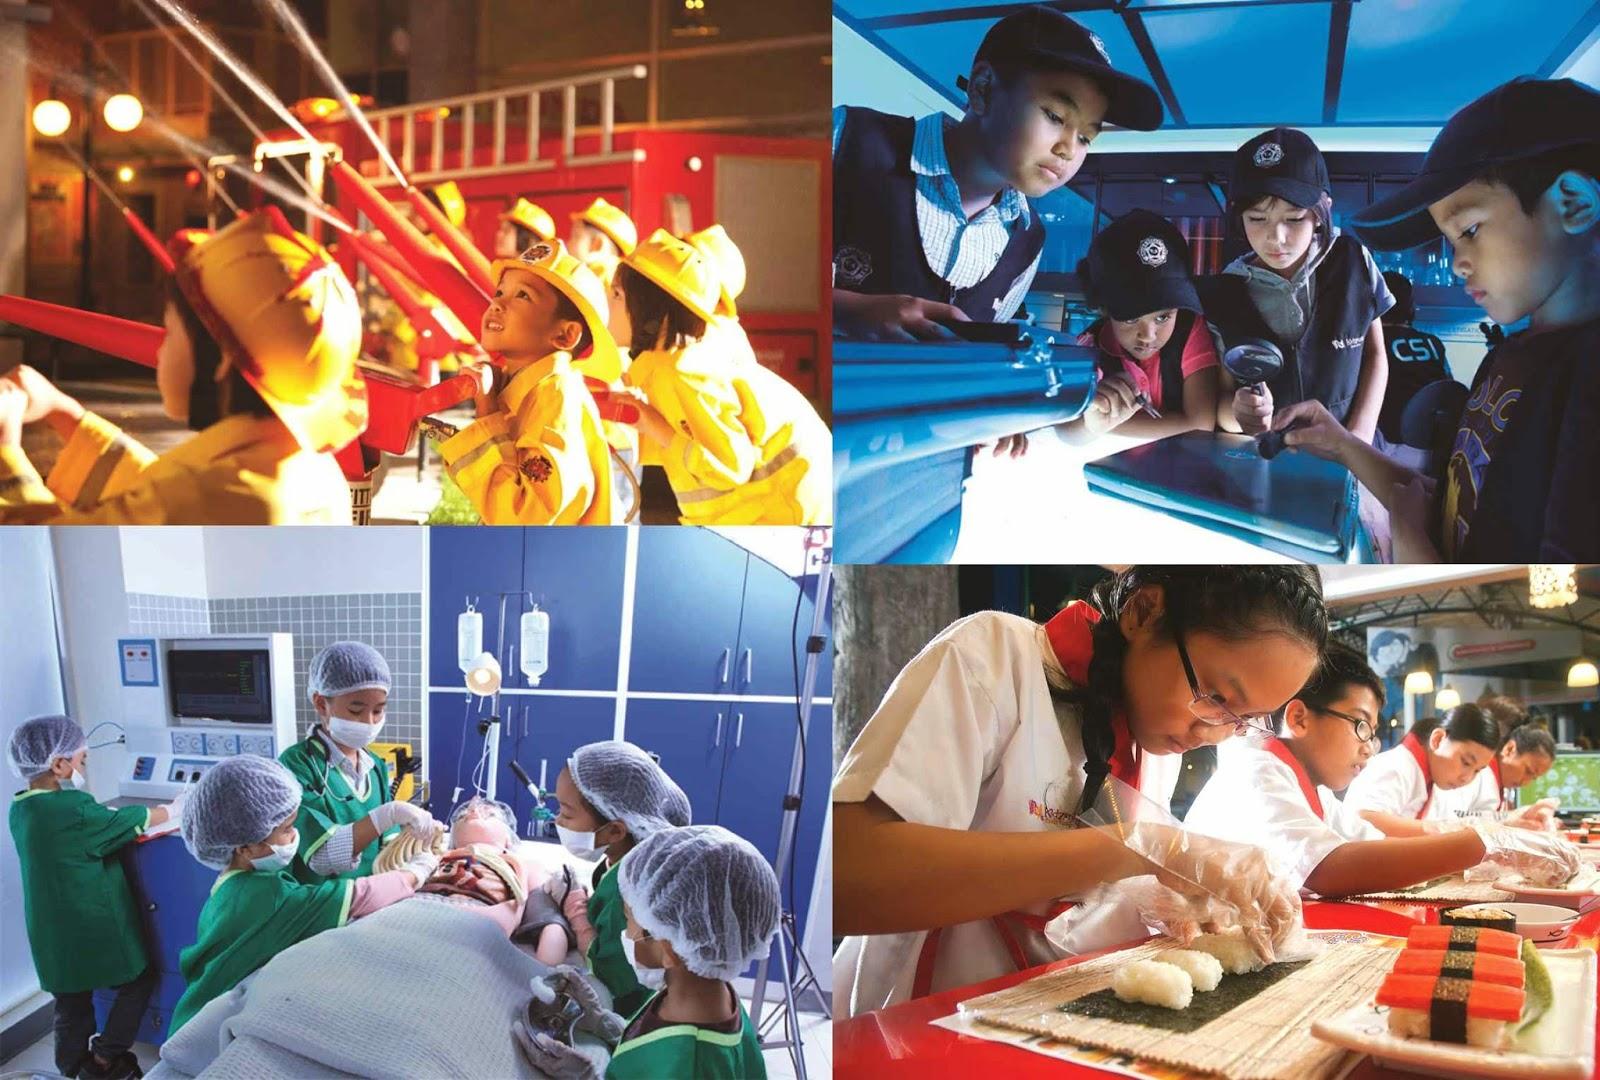 image-kids-at-kidzania-activities